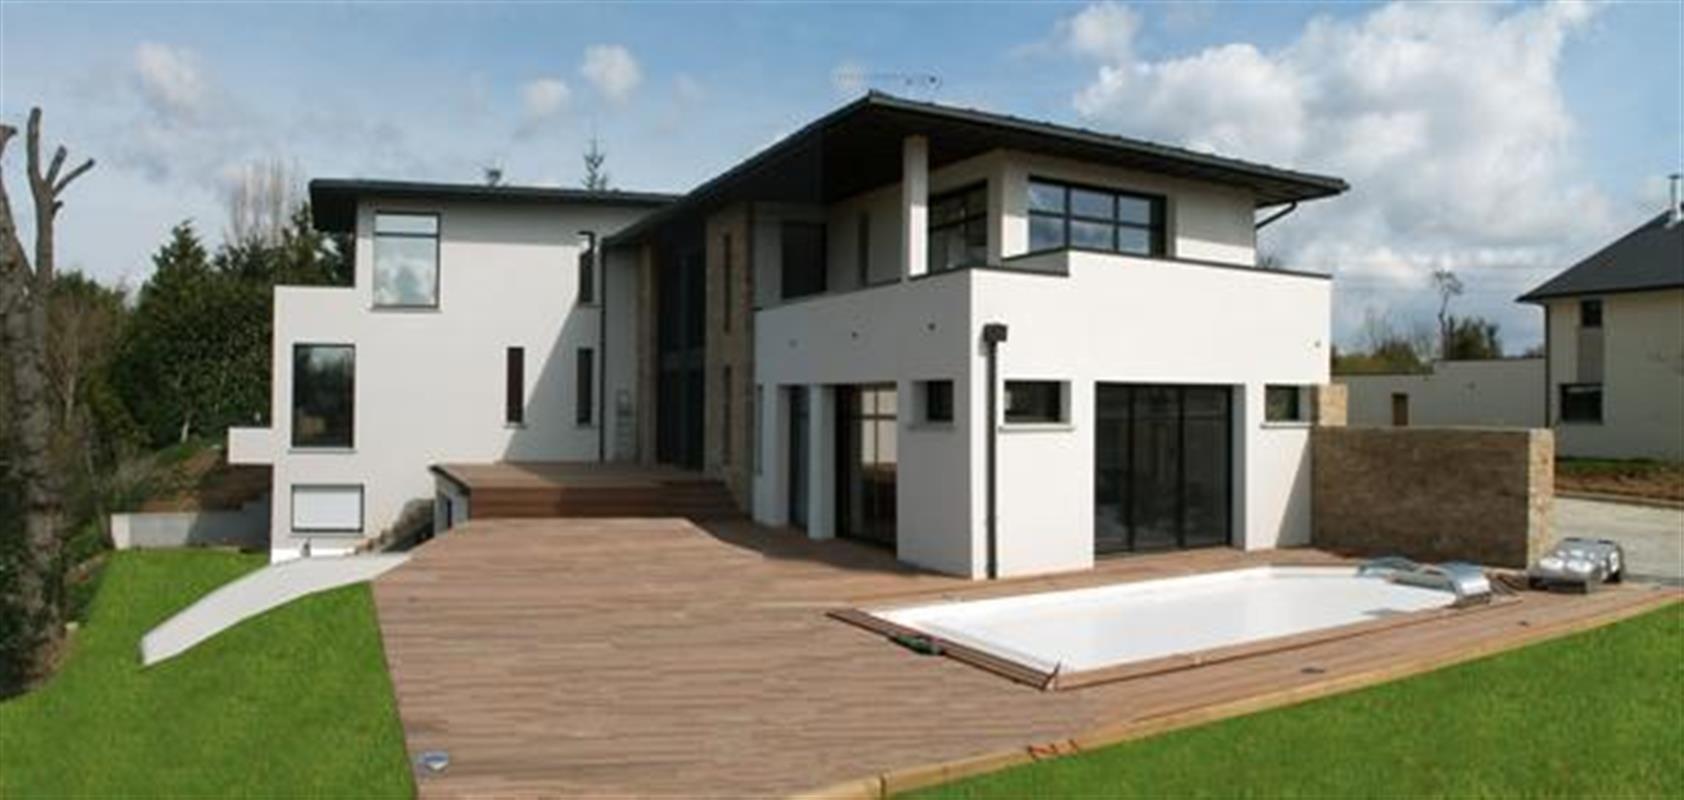 constructeur maison rennes architecte. Black Bedroom Furniture Sets. Home Design Ideas